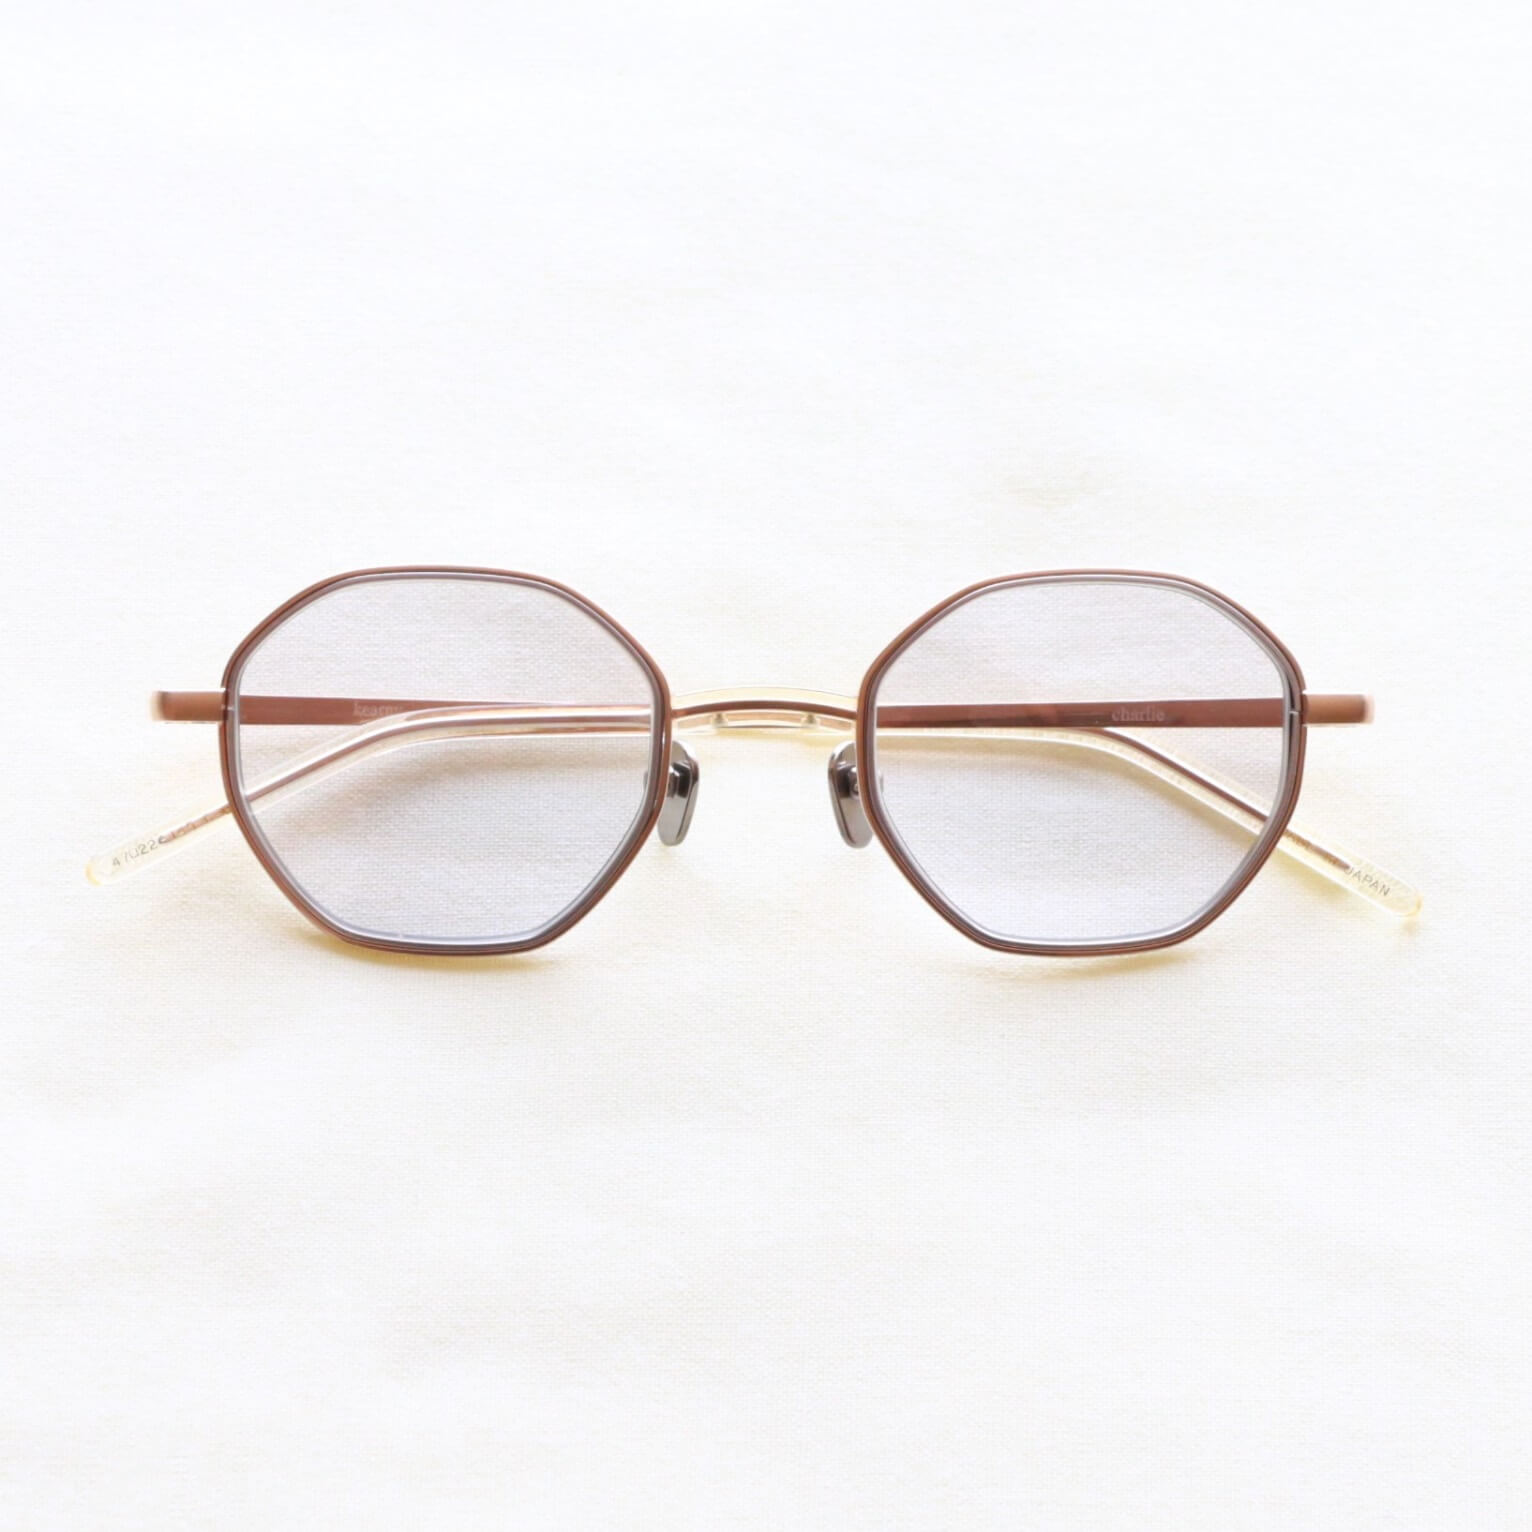 セルロイド眼鏡 kearny カーニー chiarlie チャーリー